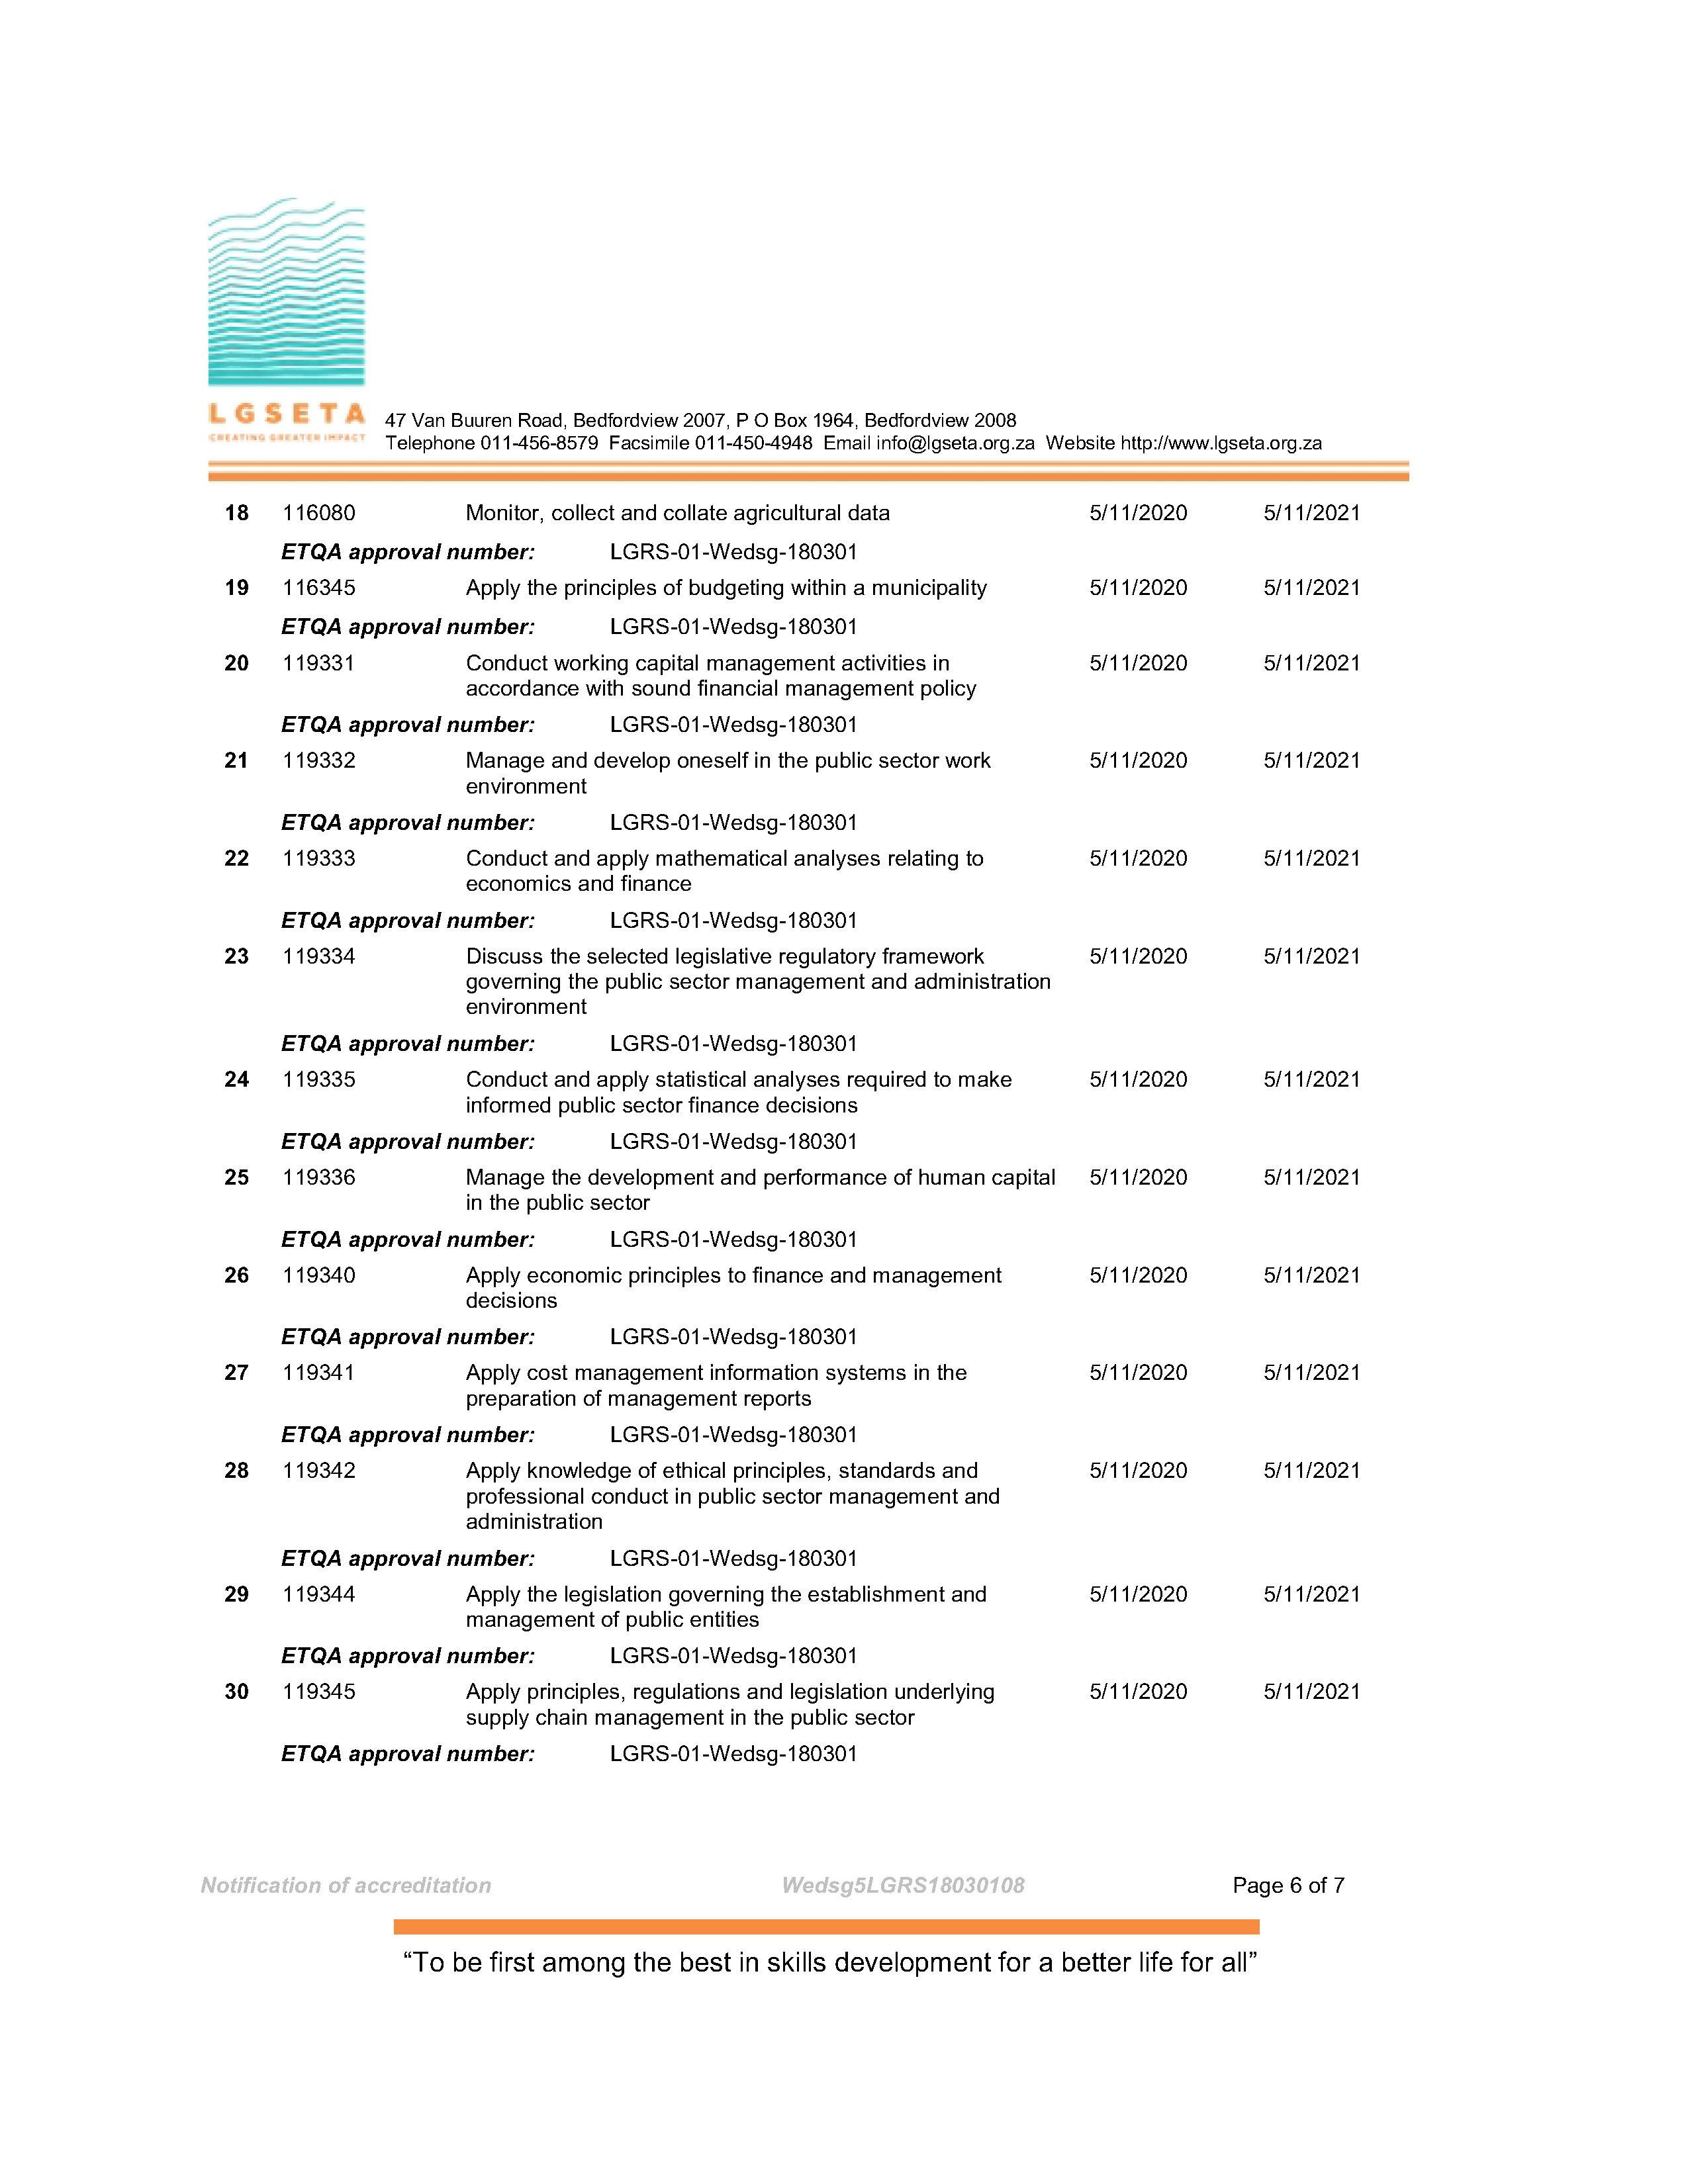 LGSETA ACCREDITATION 11 MAY 2021_Page_6